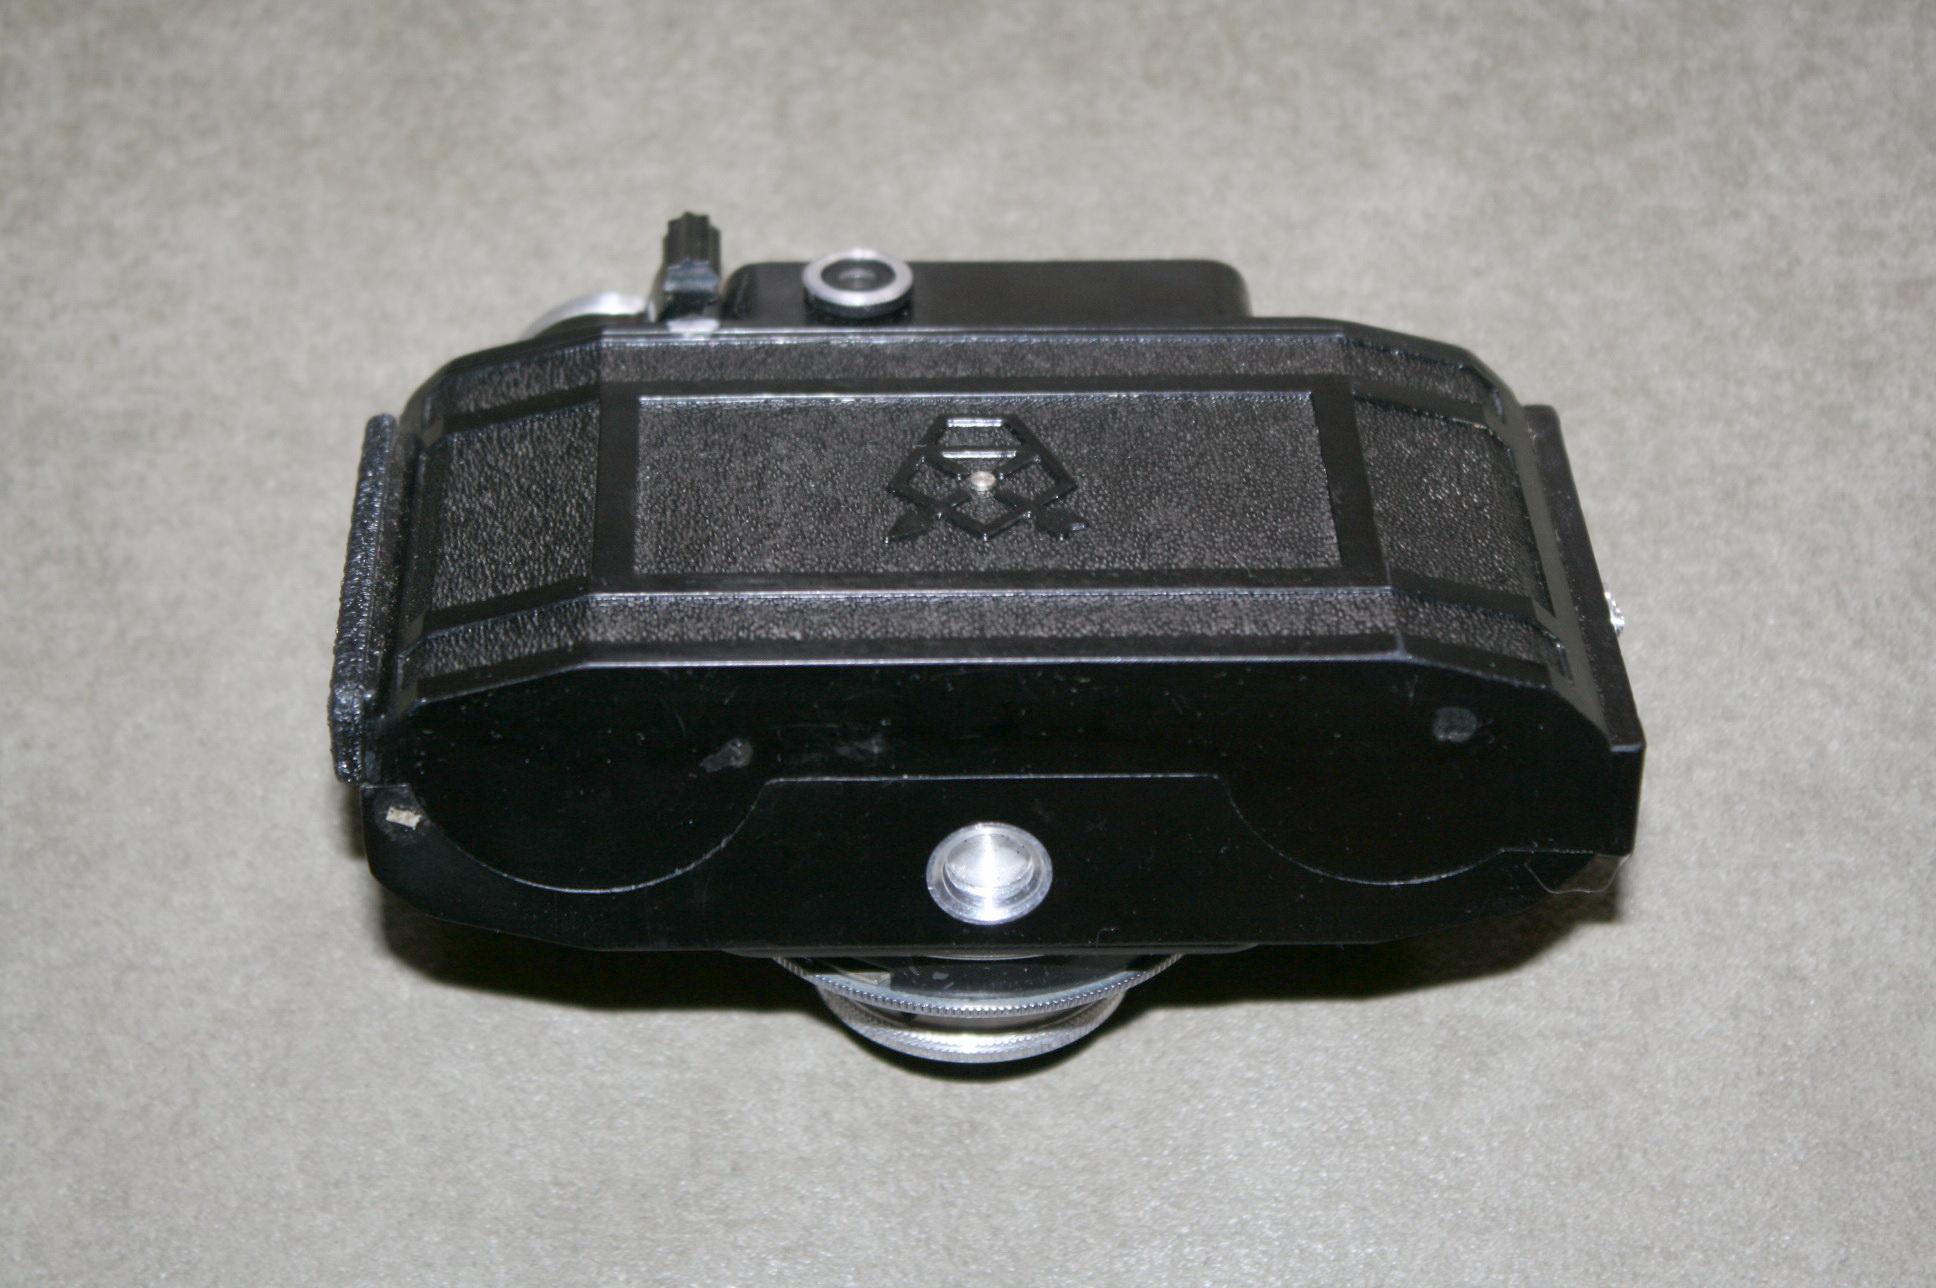 инструкция к фотоаппарату сокол автомат